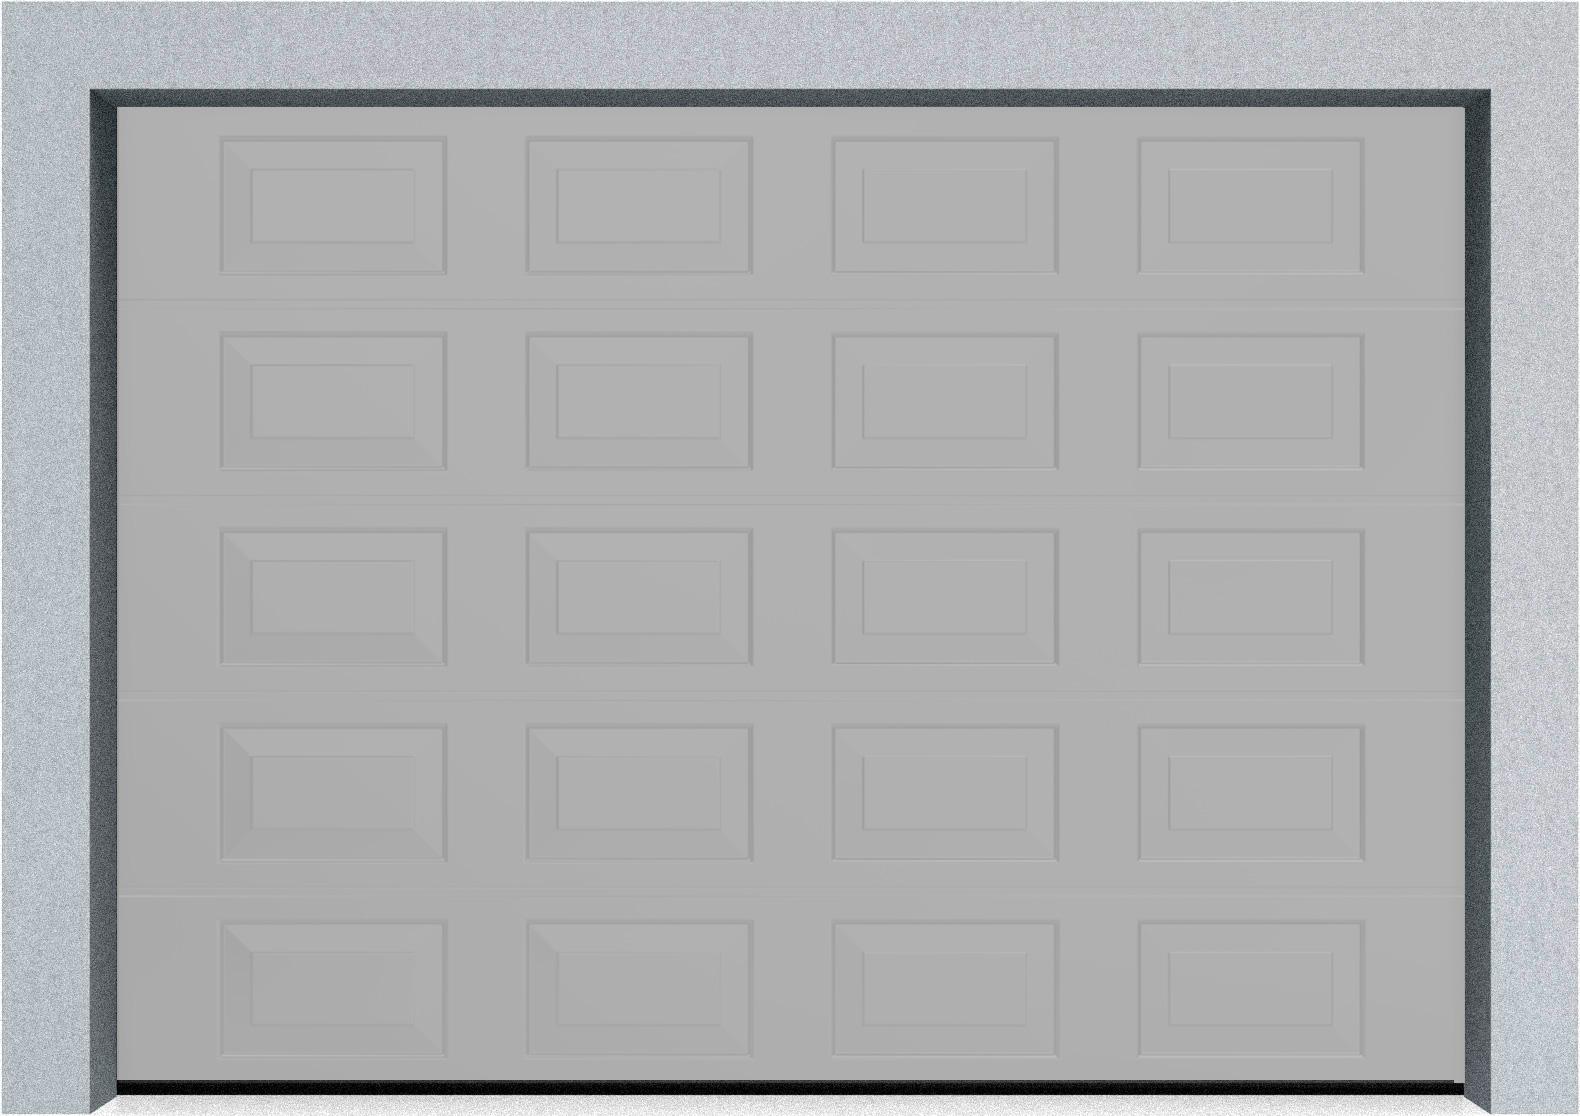 Секционные гаражные ворота DoorHan RSD01 3500x2000 Филенка стандартные цвета, пружины растяжения, фото 5